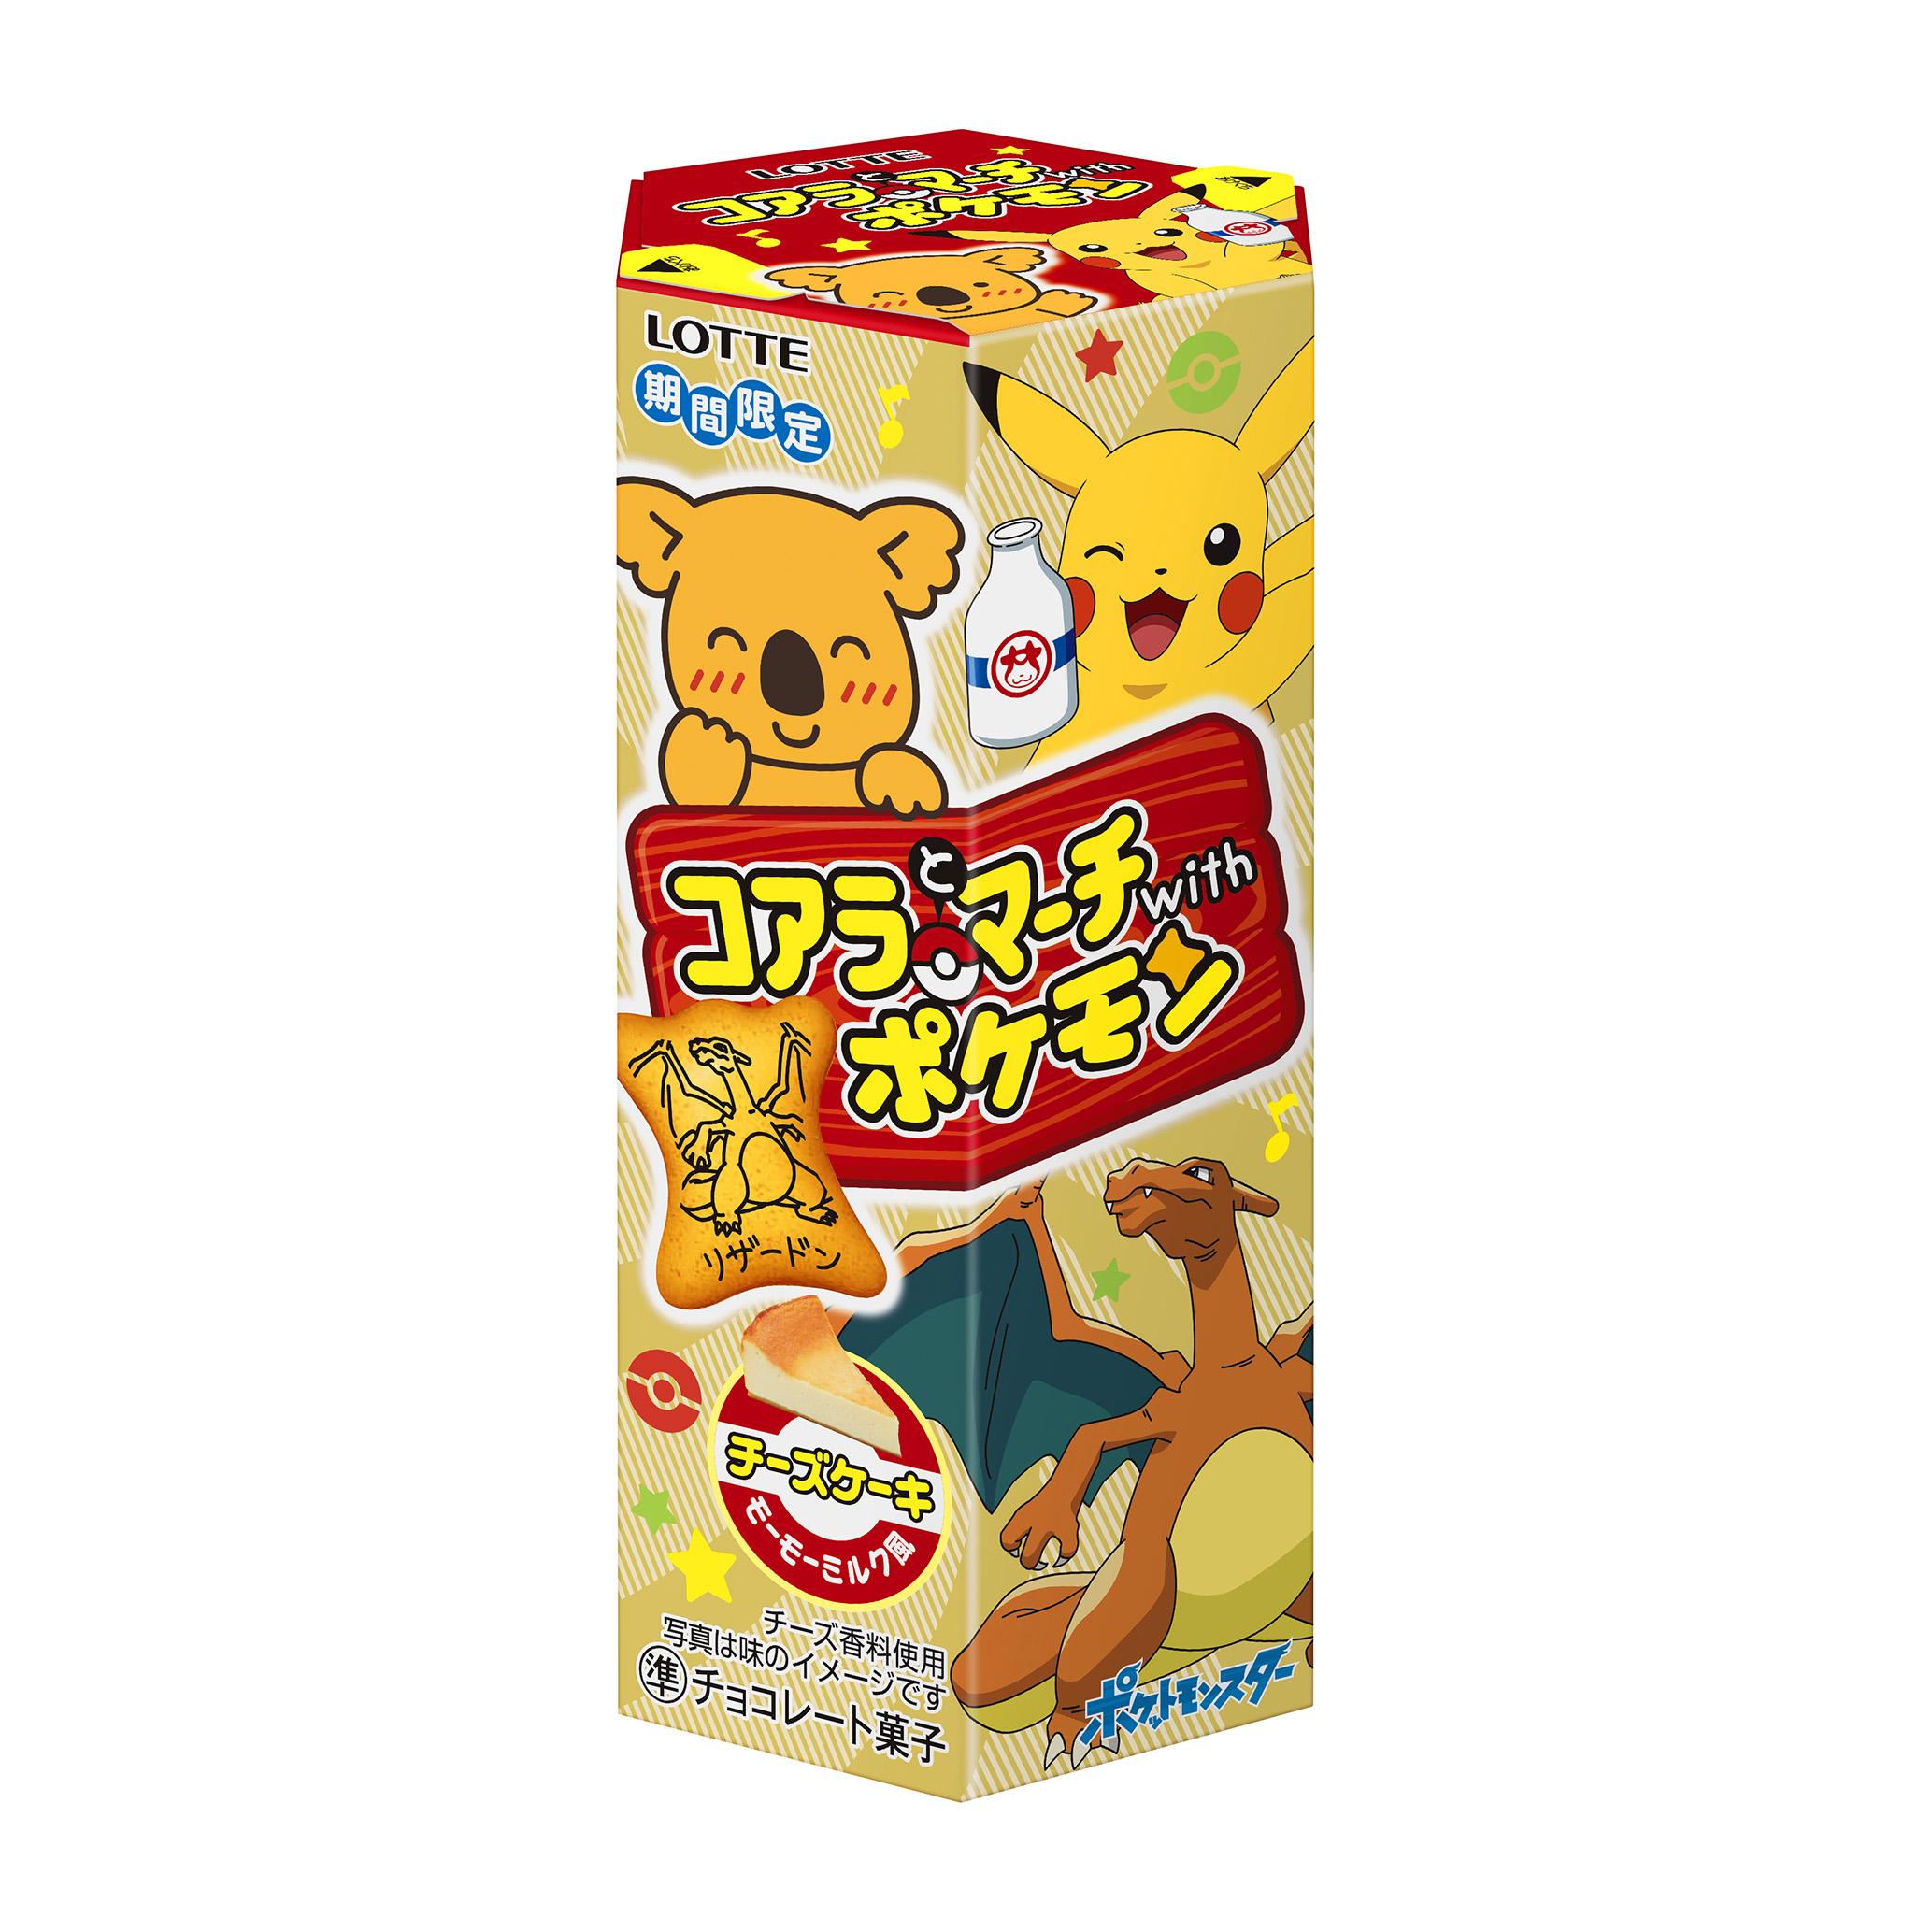 起司風味夾心餅 LOTTE 樂天 小熊餅乾 日本進口